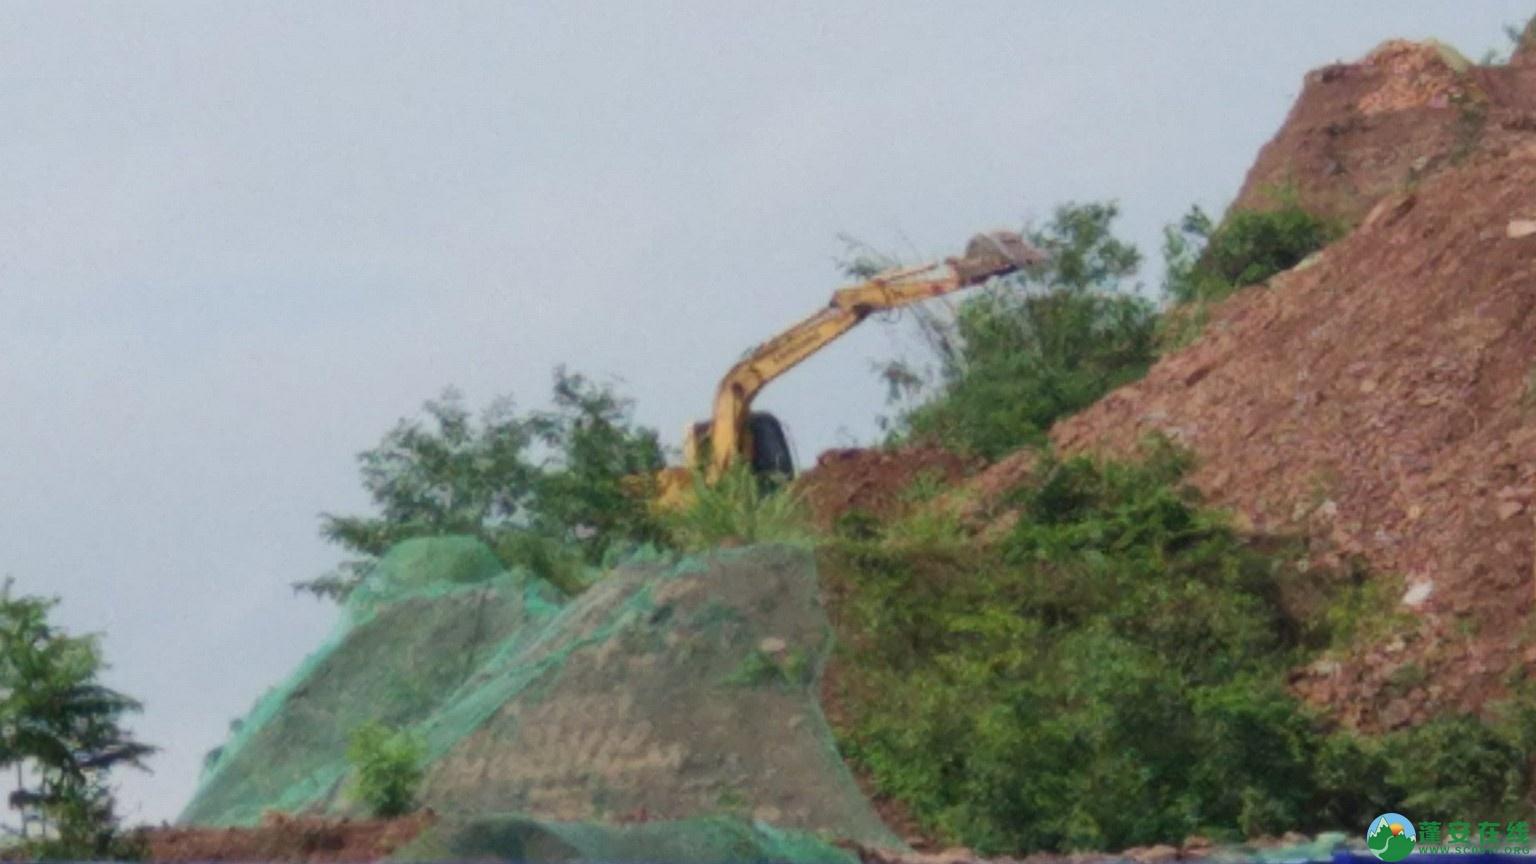 蓬安县轿顶山公园建设工程正式开工 - 第6张  | 蓬安在线